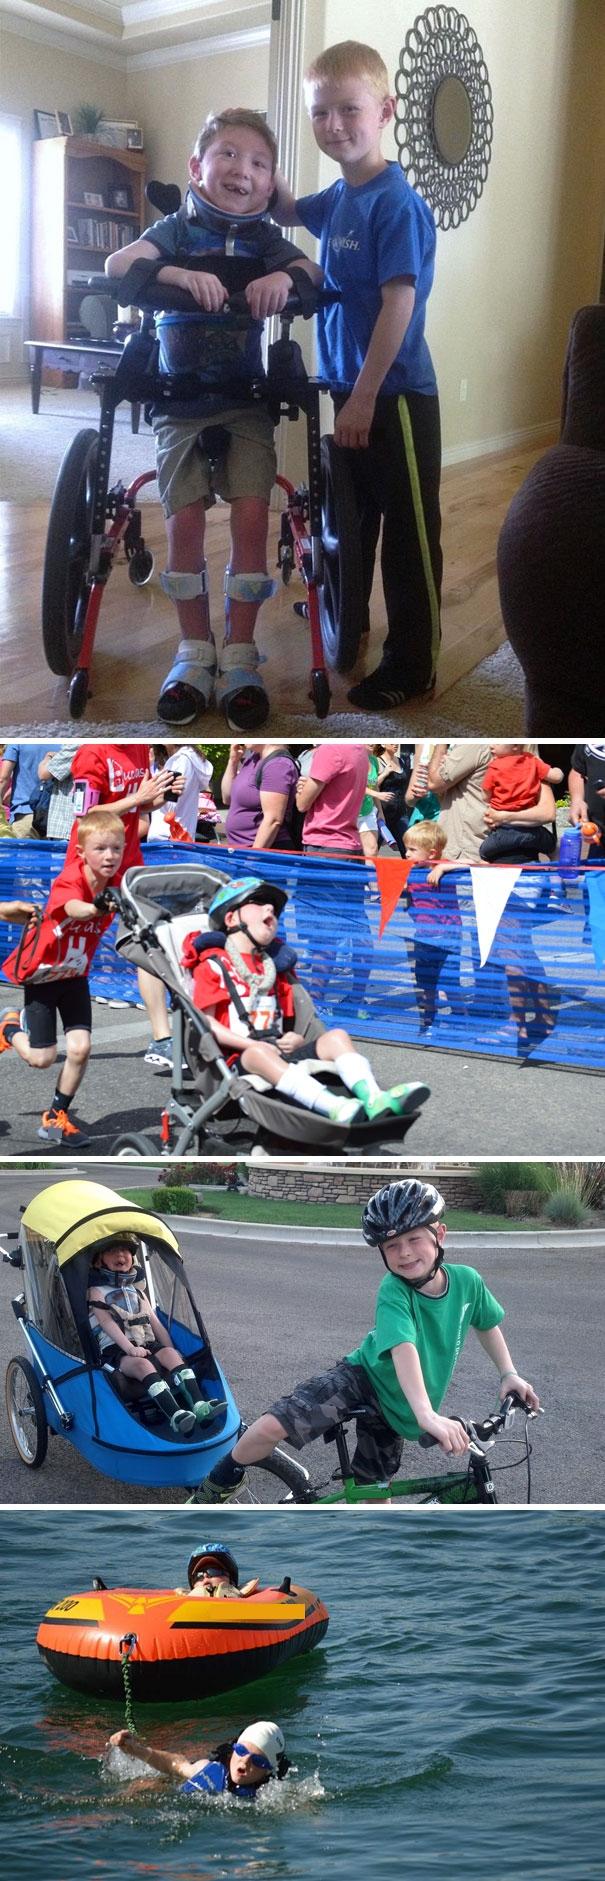 Cậu bé Lucas Aldrich mắc chứng thần kinh hiếm gặp, không có khả năng bước đi trên đôi chân của mình. Để tiếp thêm niềm tin cho em trai, Noah đã đăng kívà cùng em hoàn thành cuộc thi 3 môn phối hợp gồm bơi 200m, đạp xe 5km và chạy 1,6km trong 54 phút.